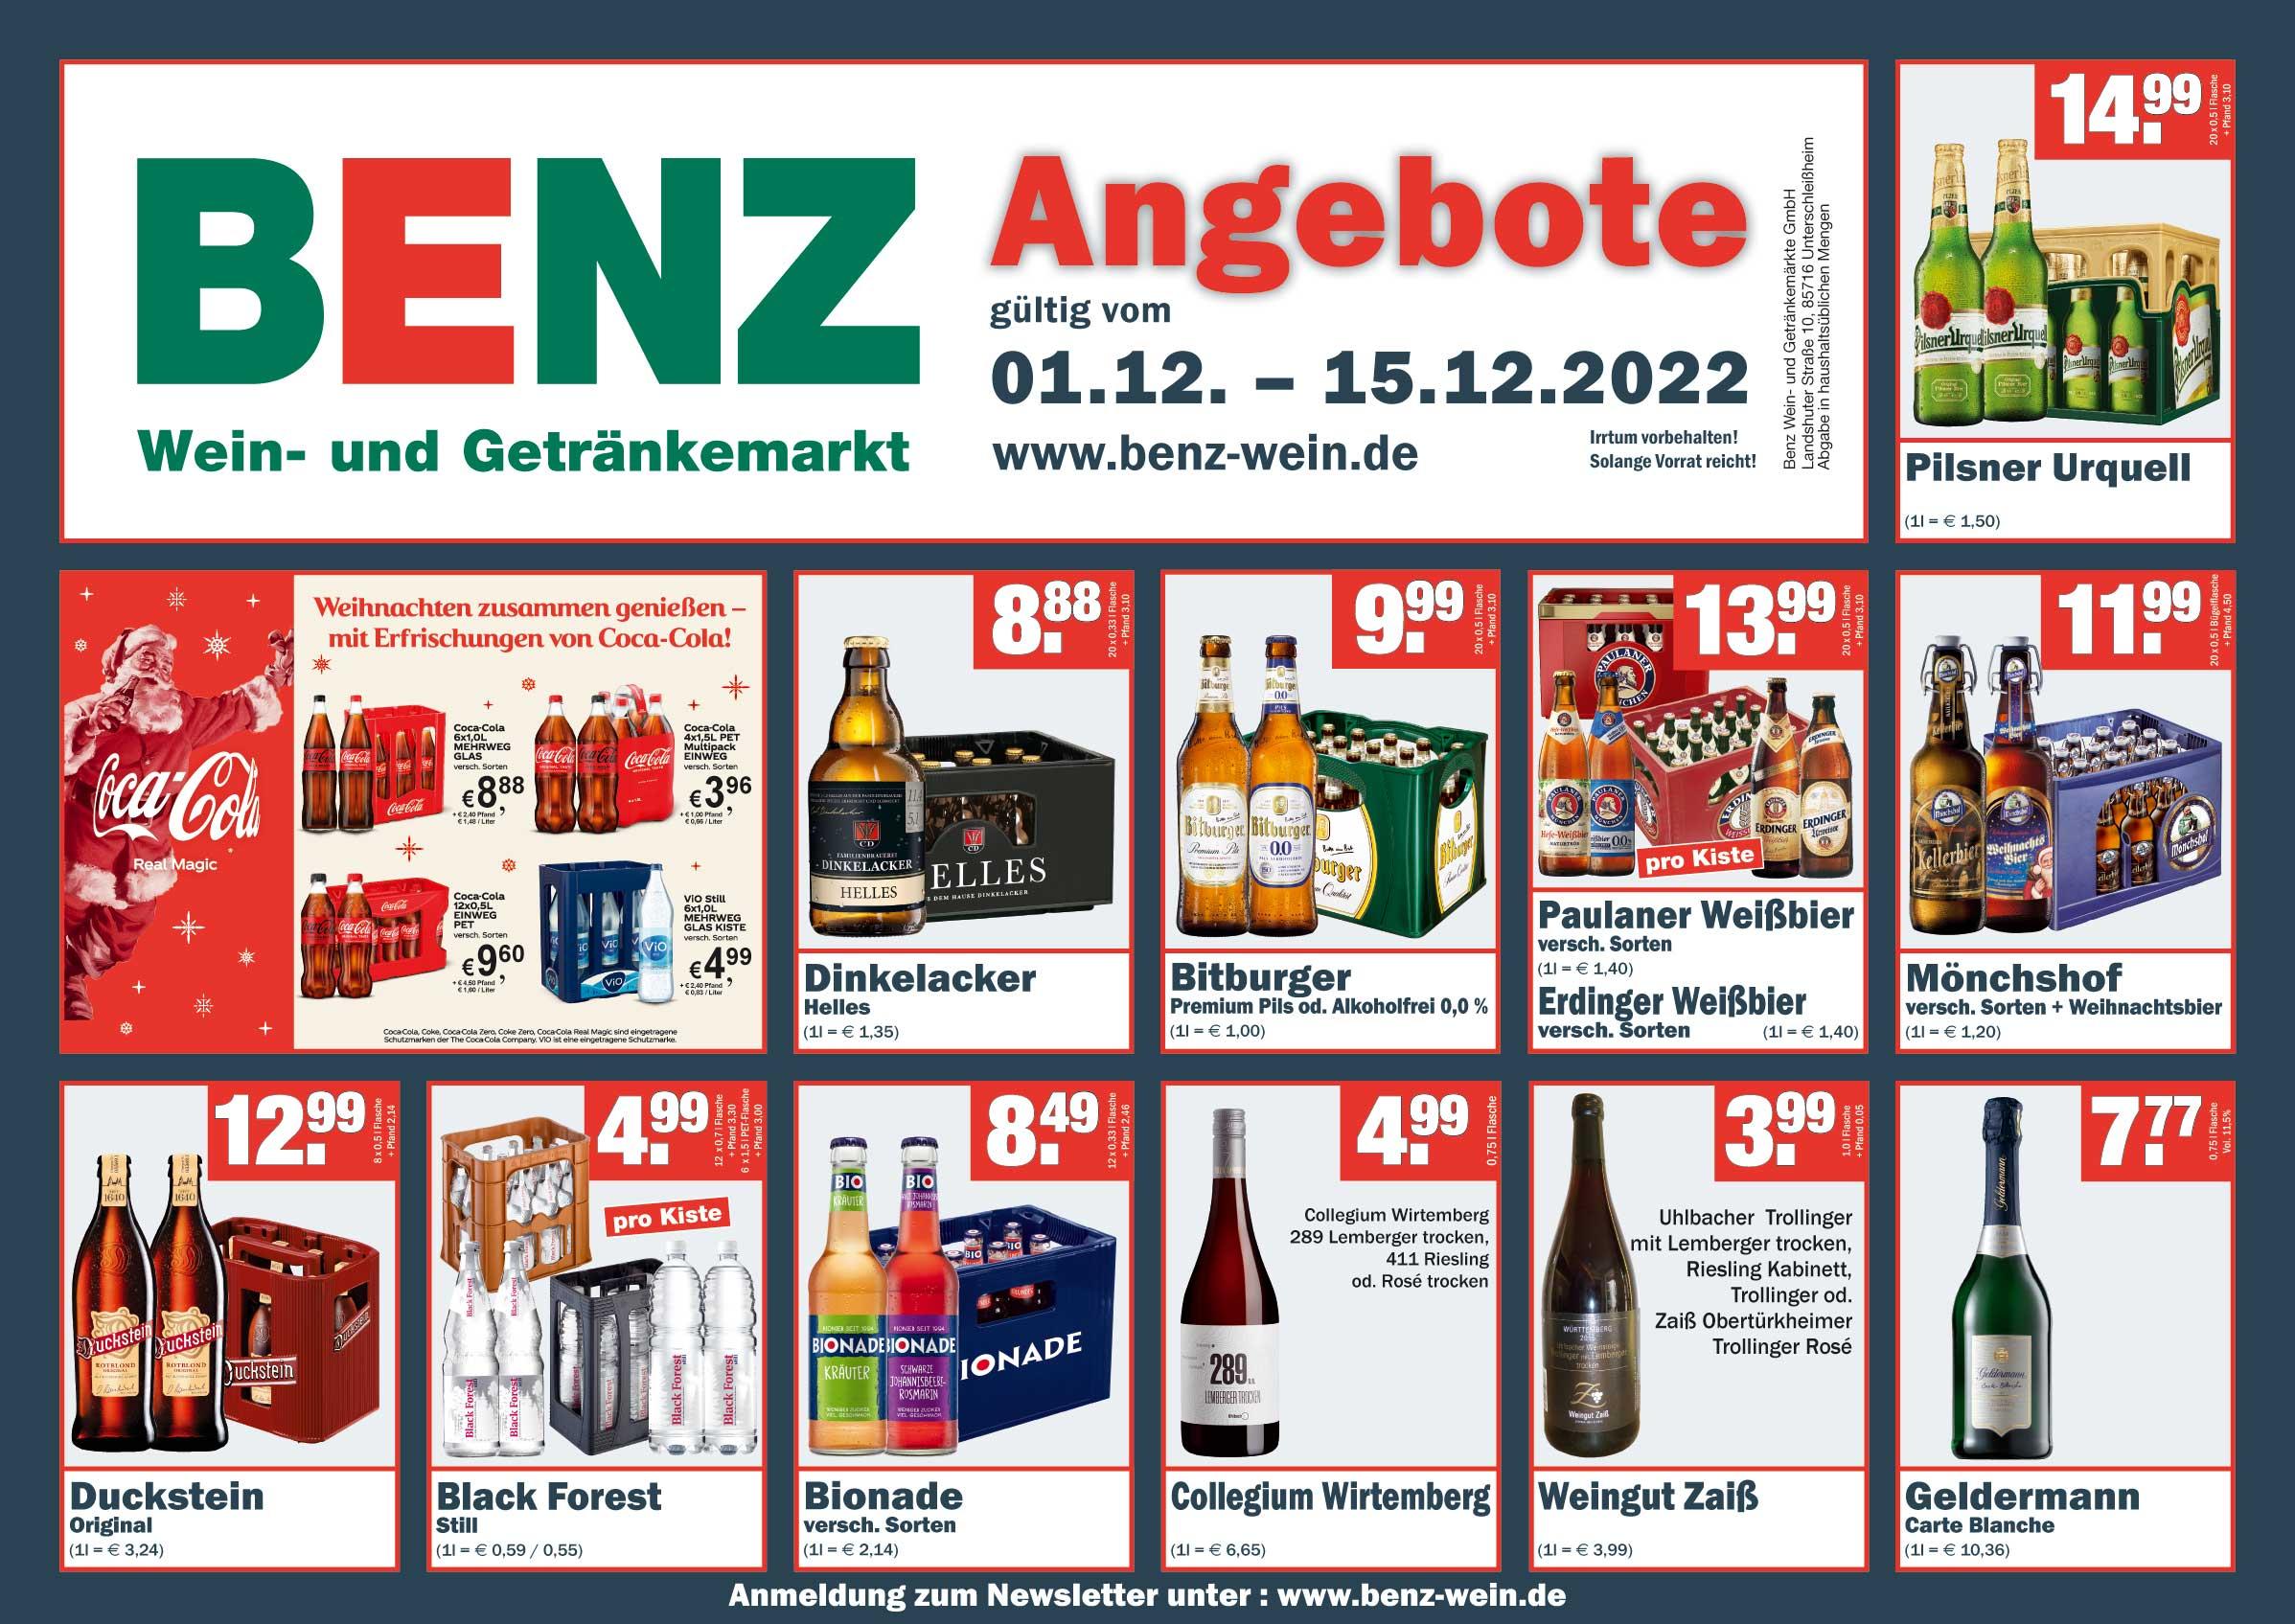 Benz Getränkemärkte